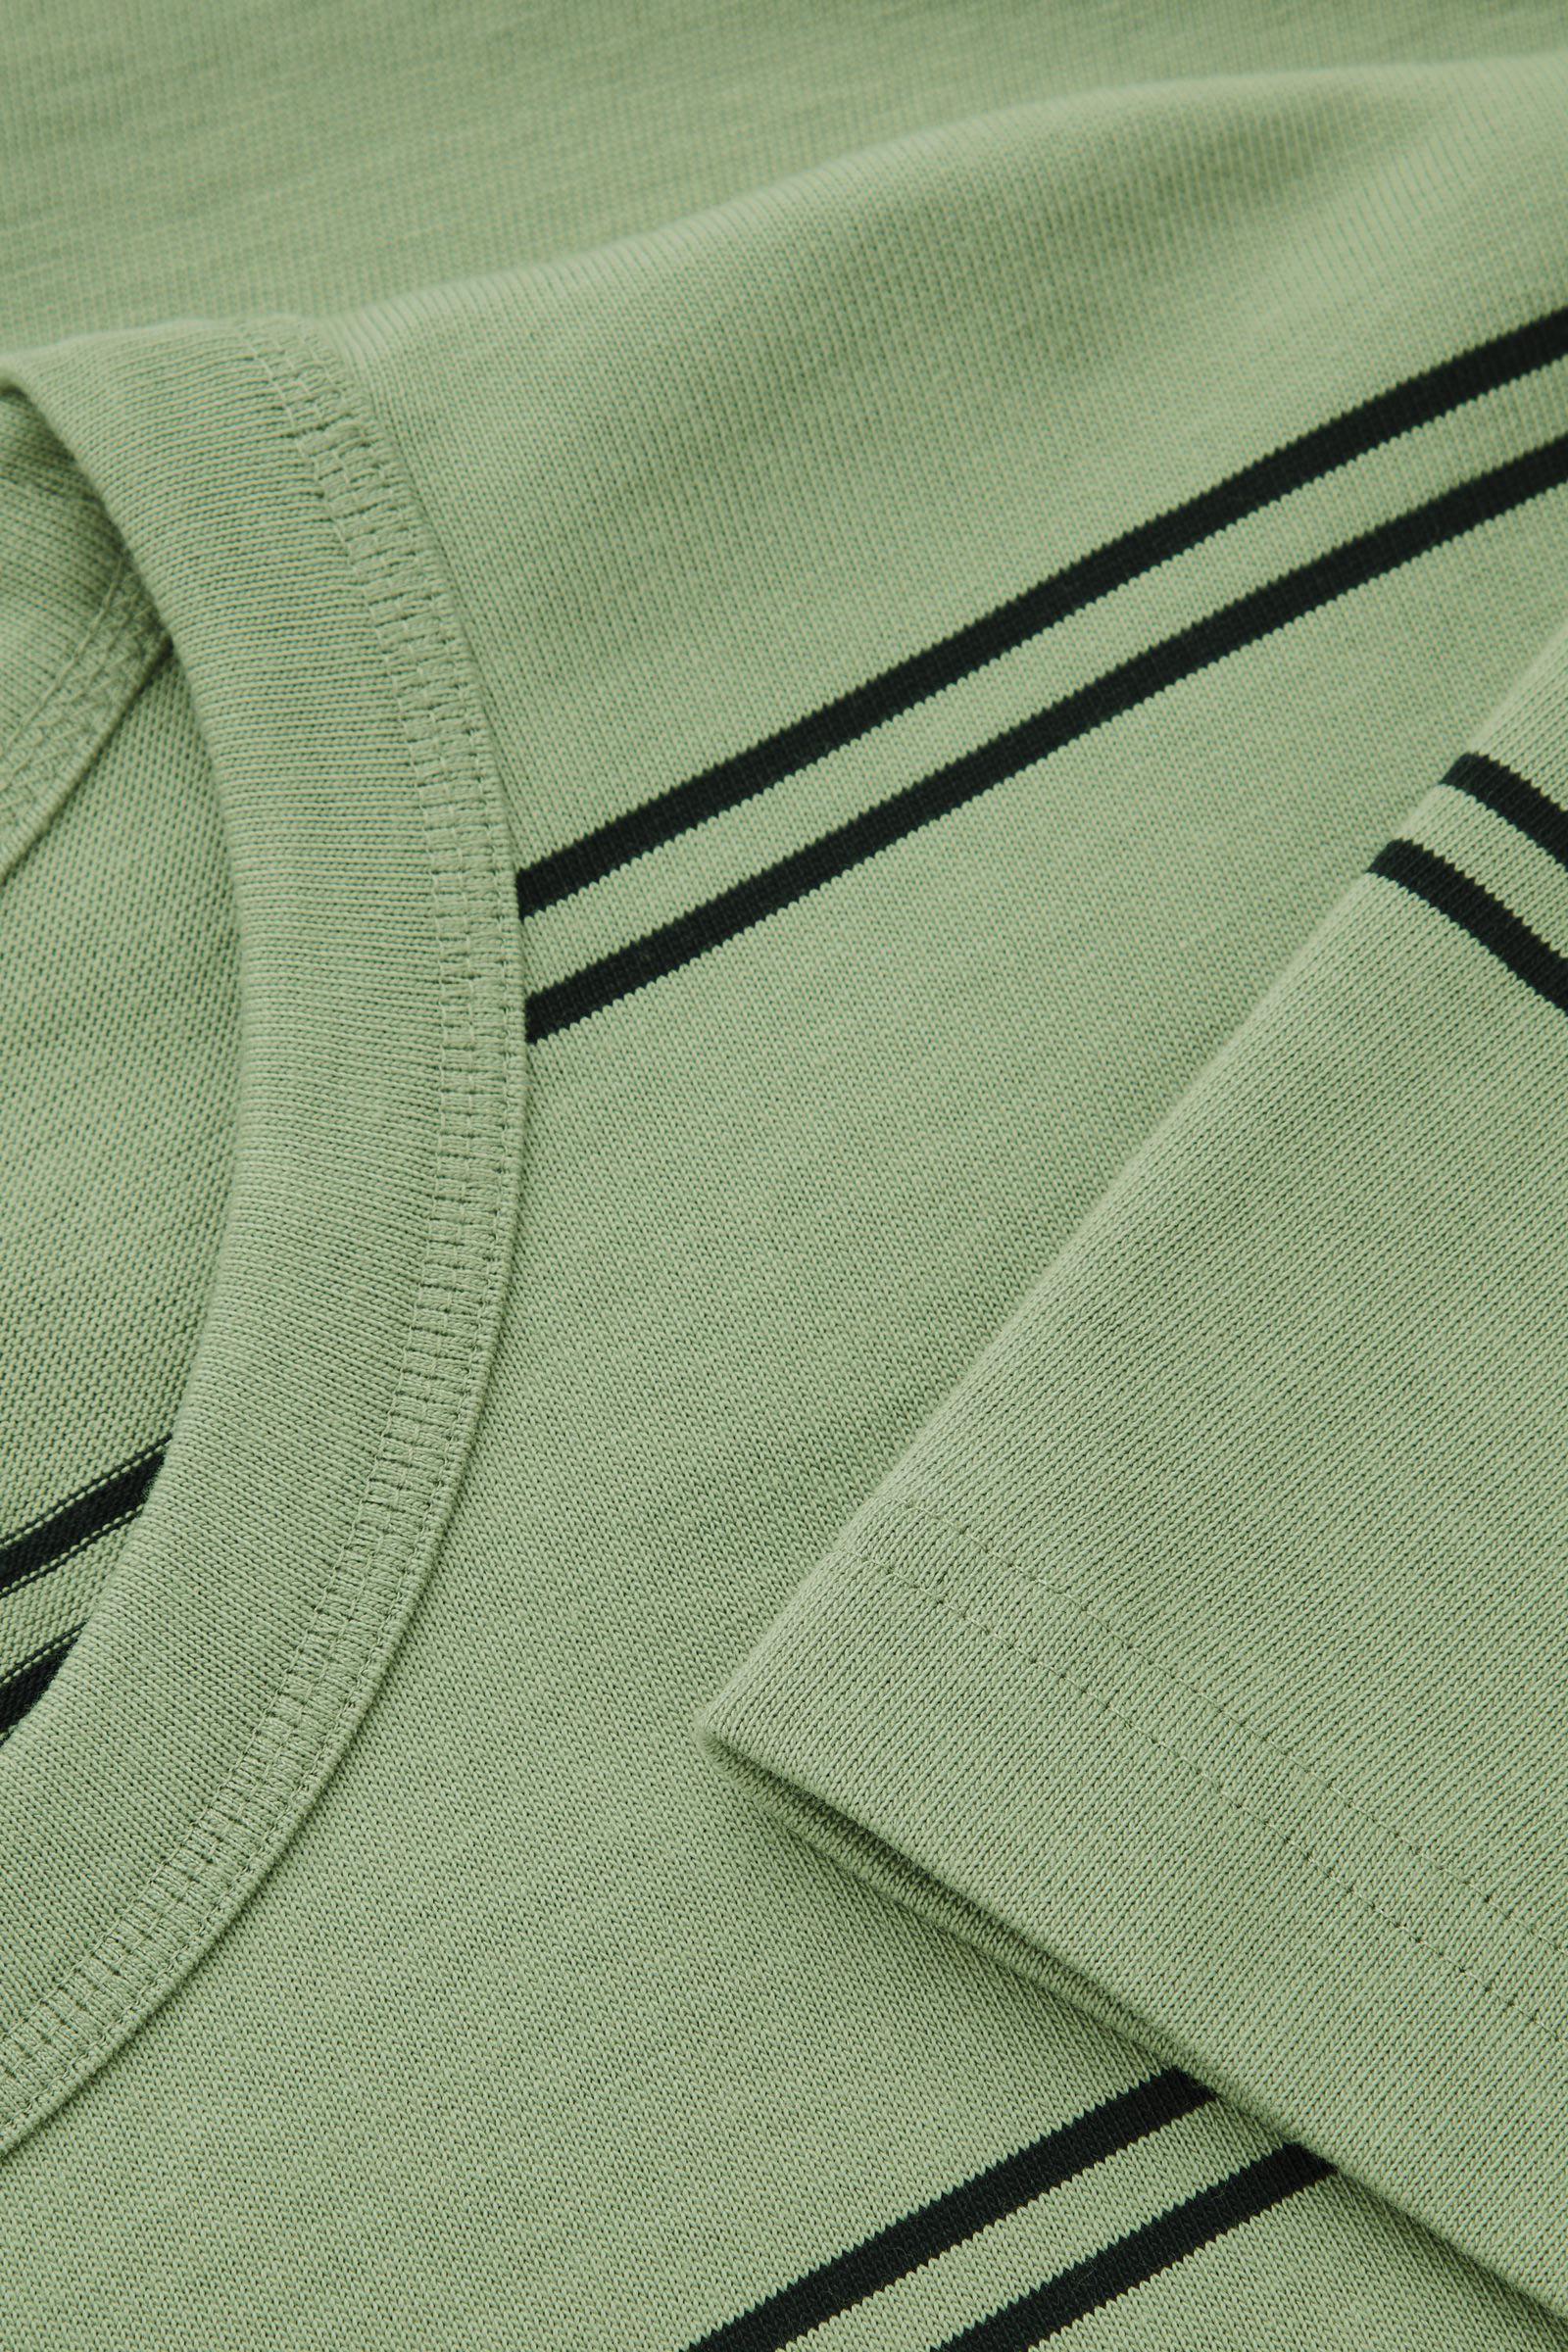 COS 릴랙스드 핏 티셔츠의 라이트 카키 그린 / 블랙컬러 Detail입니다.